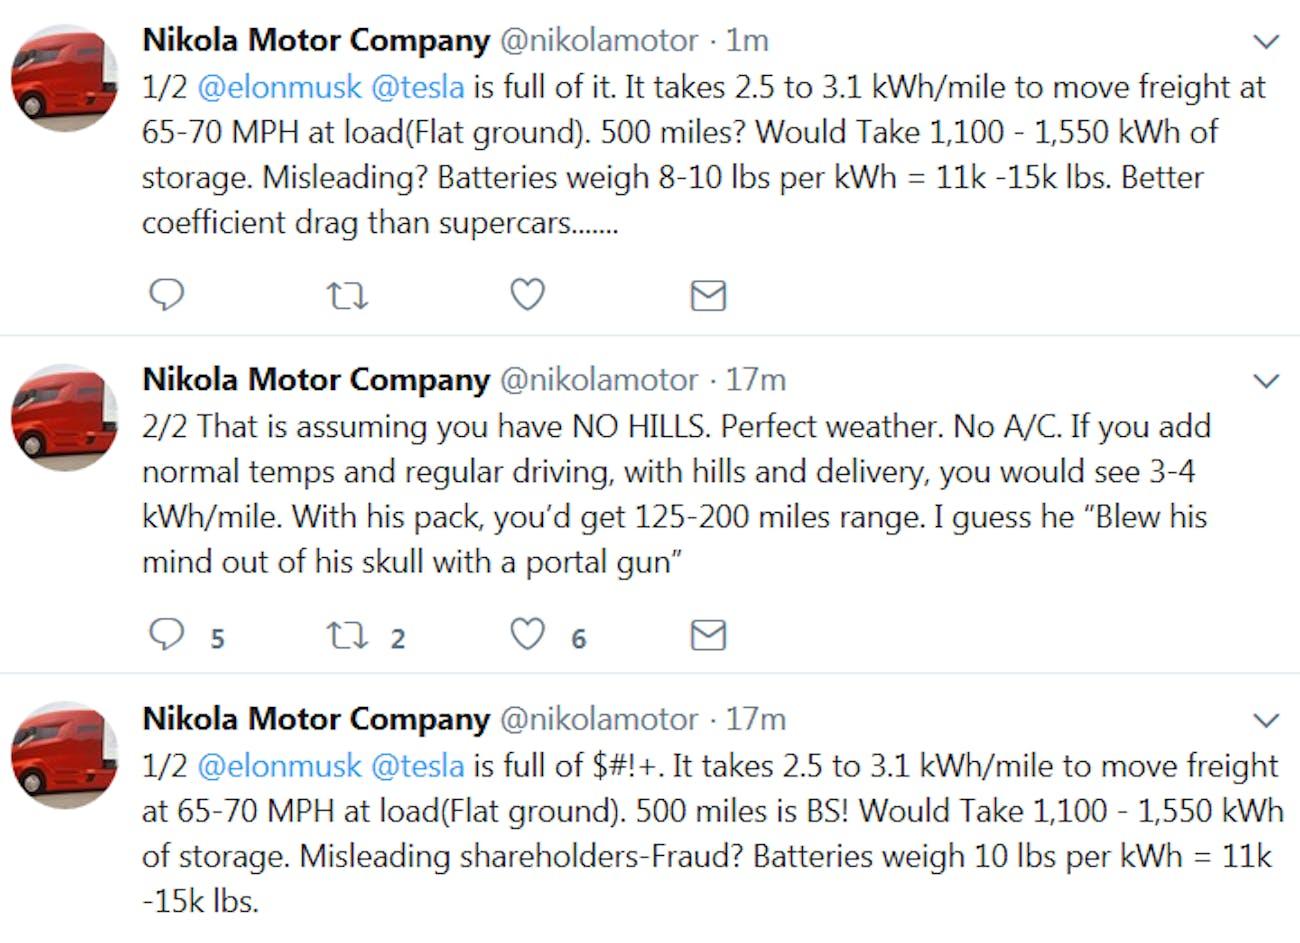 Tweets from the Nikola company.